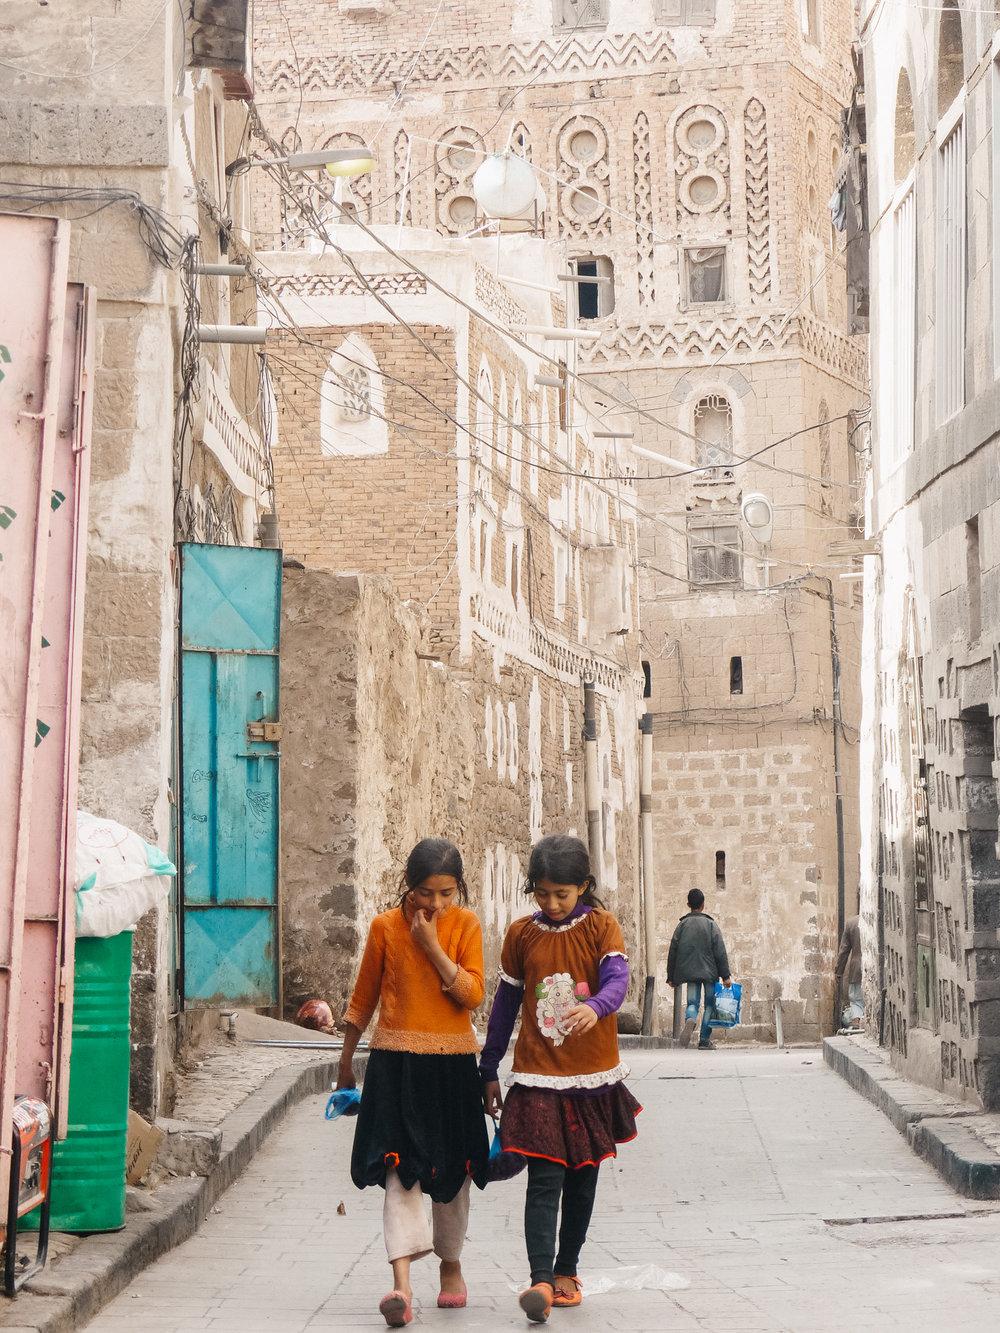 sanaa-yemen-125-2.jpg